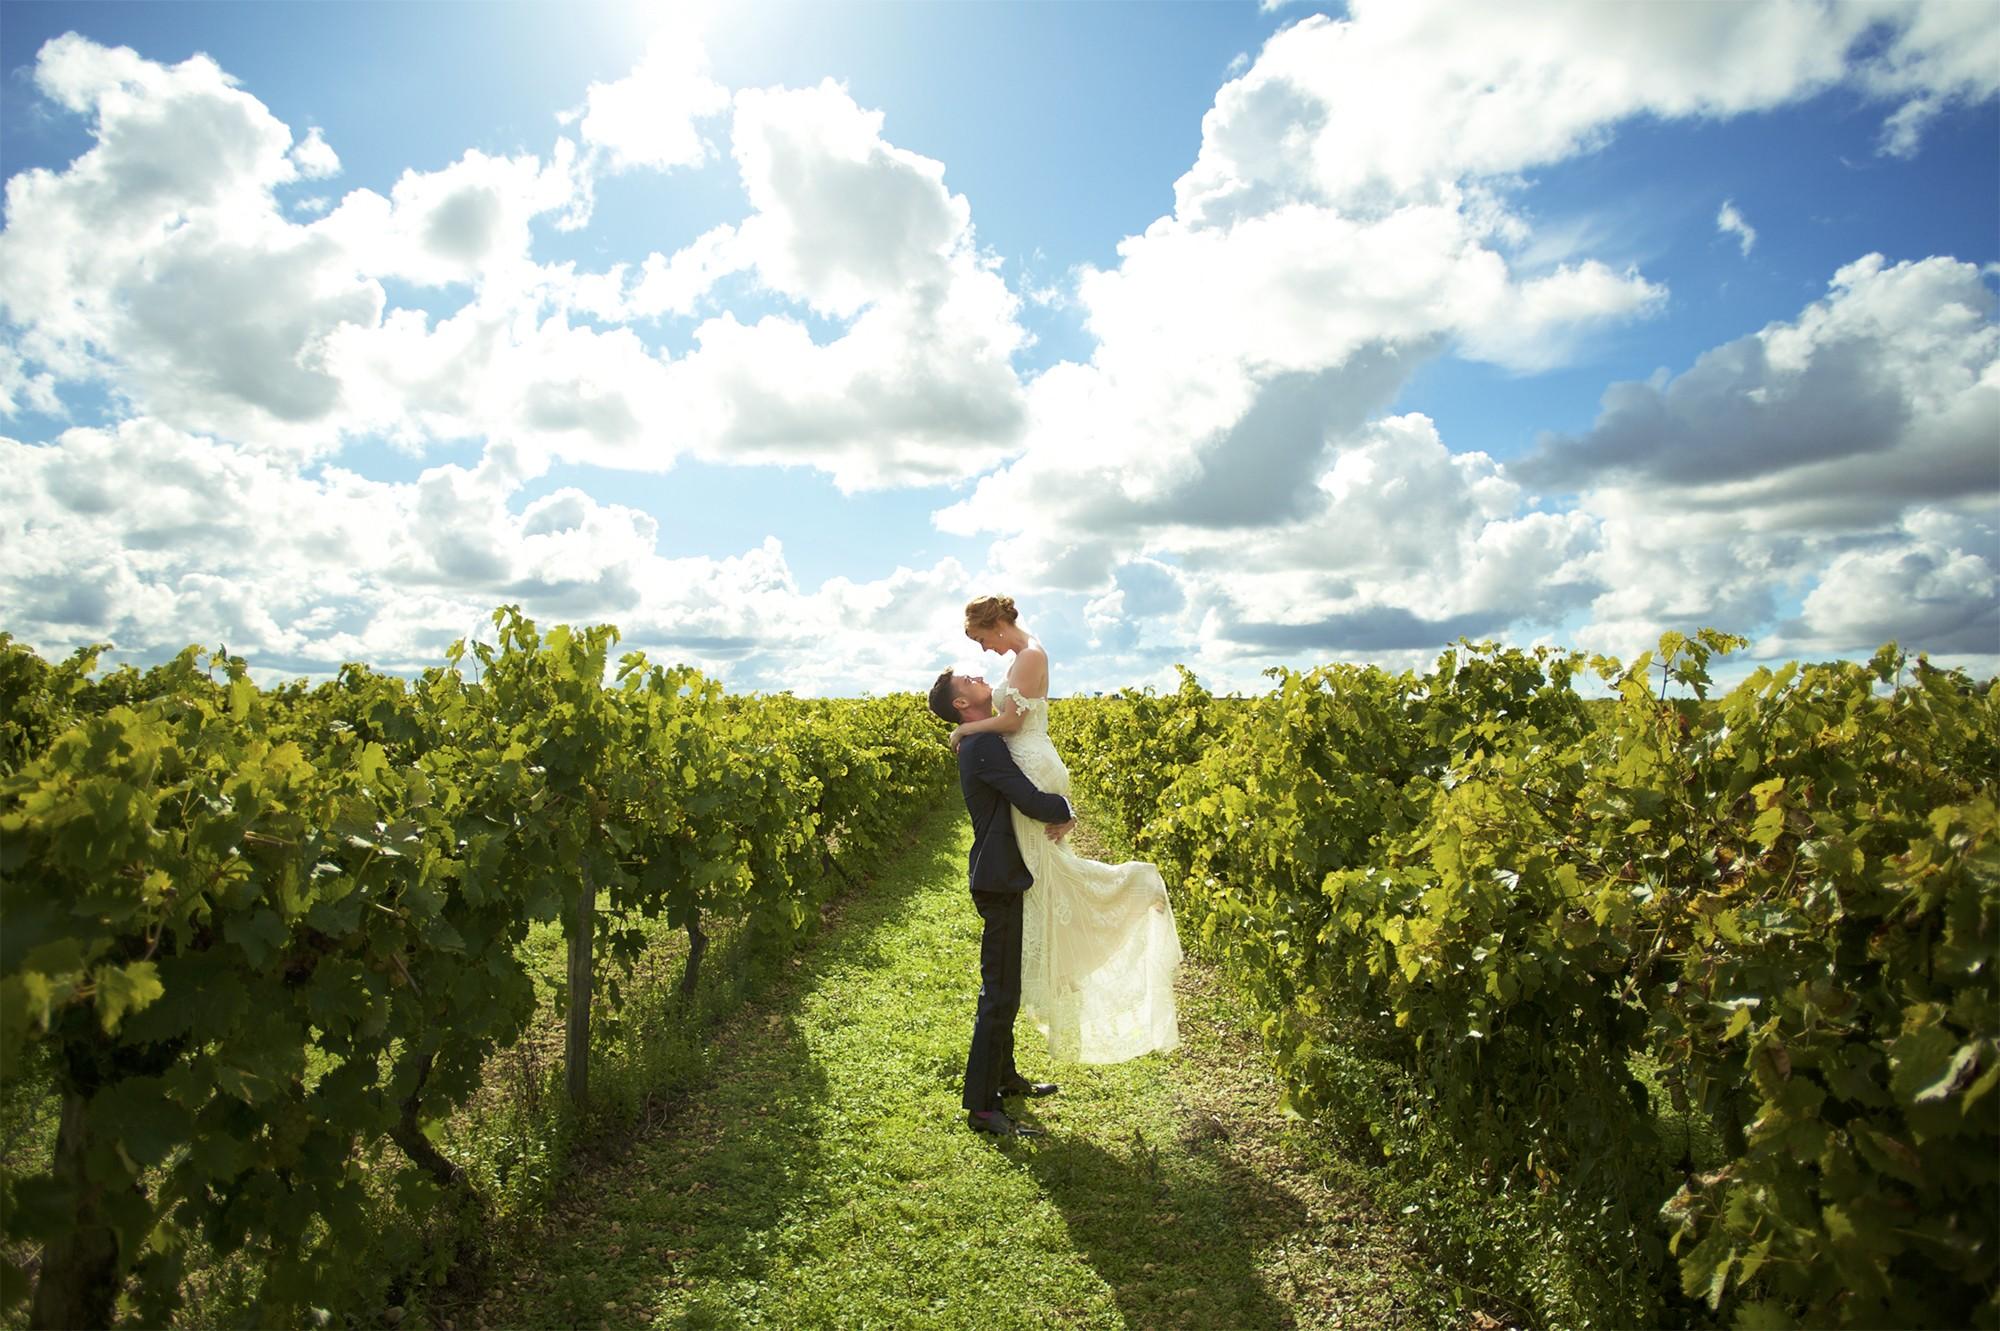 Nicolas & Claire. Leur mariage à Angoulême. Photographe de mariage en Bretagne. Destination wedding photographer.